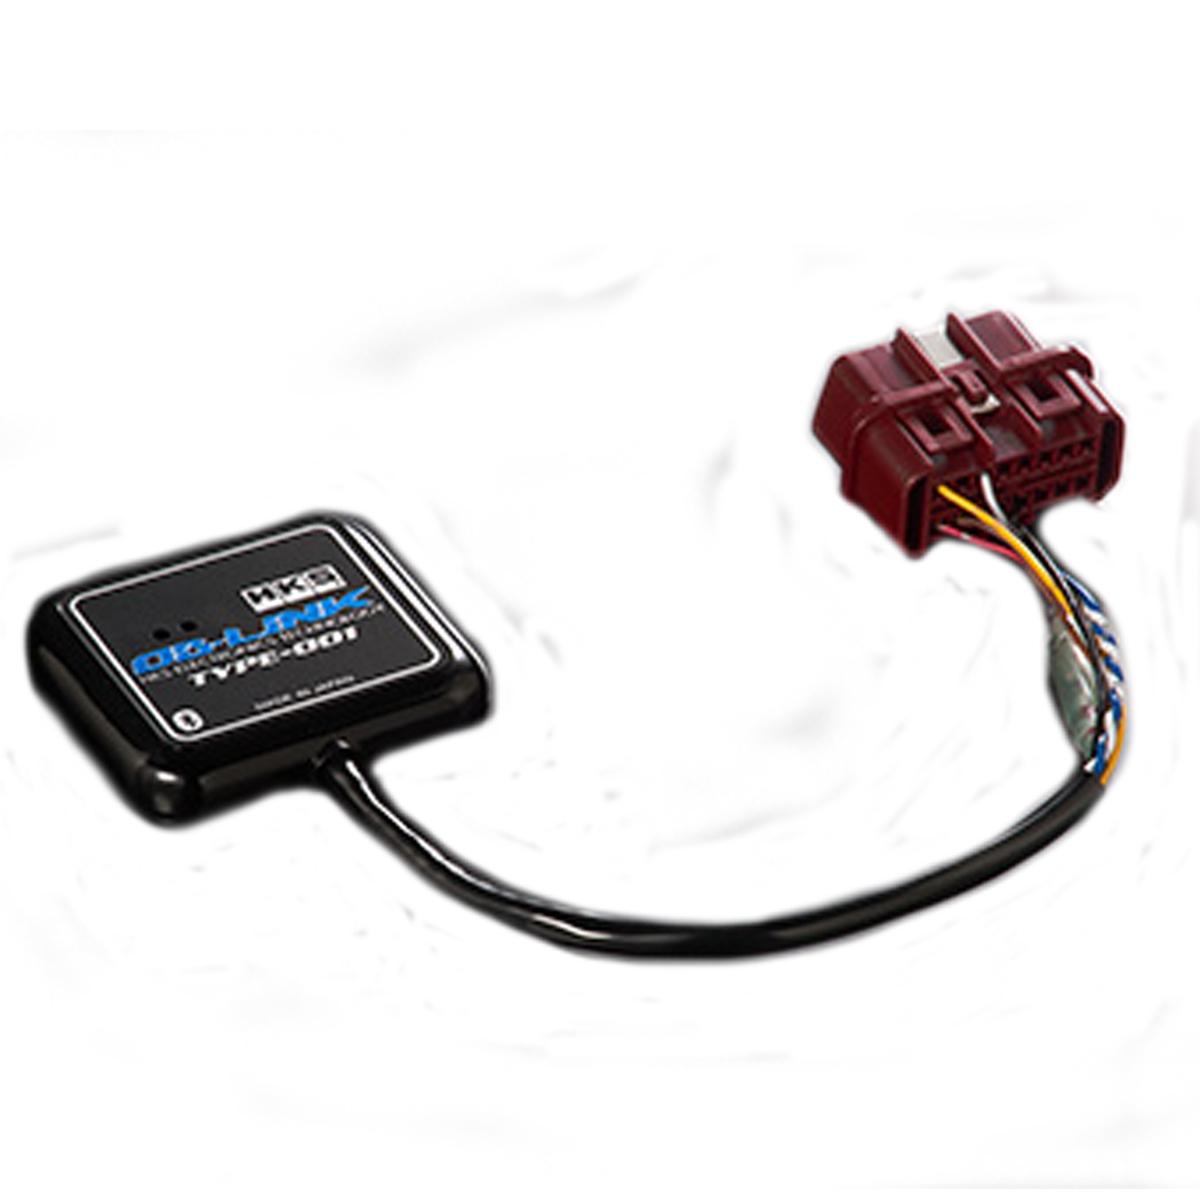 アコード モニター OBリンク タイプ 001 CL1 HKS 44009-AK002 エレクトリニクス